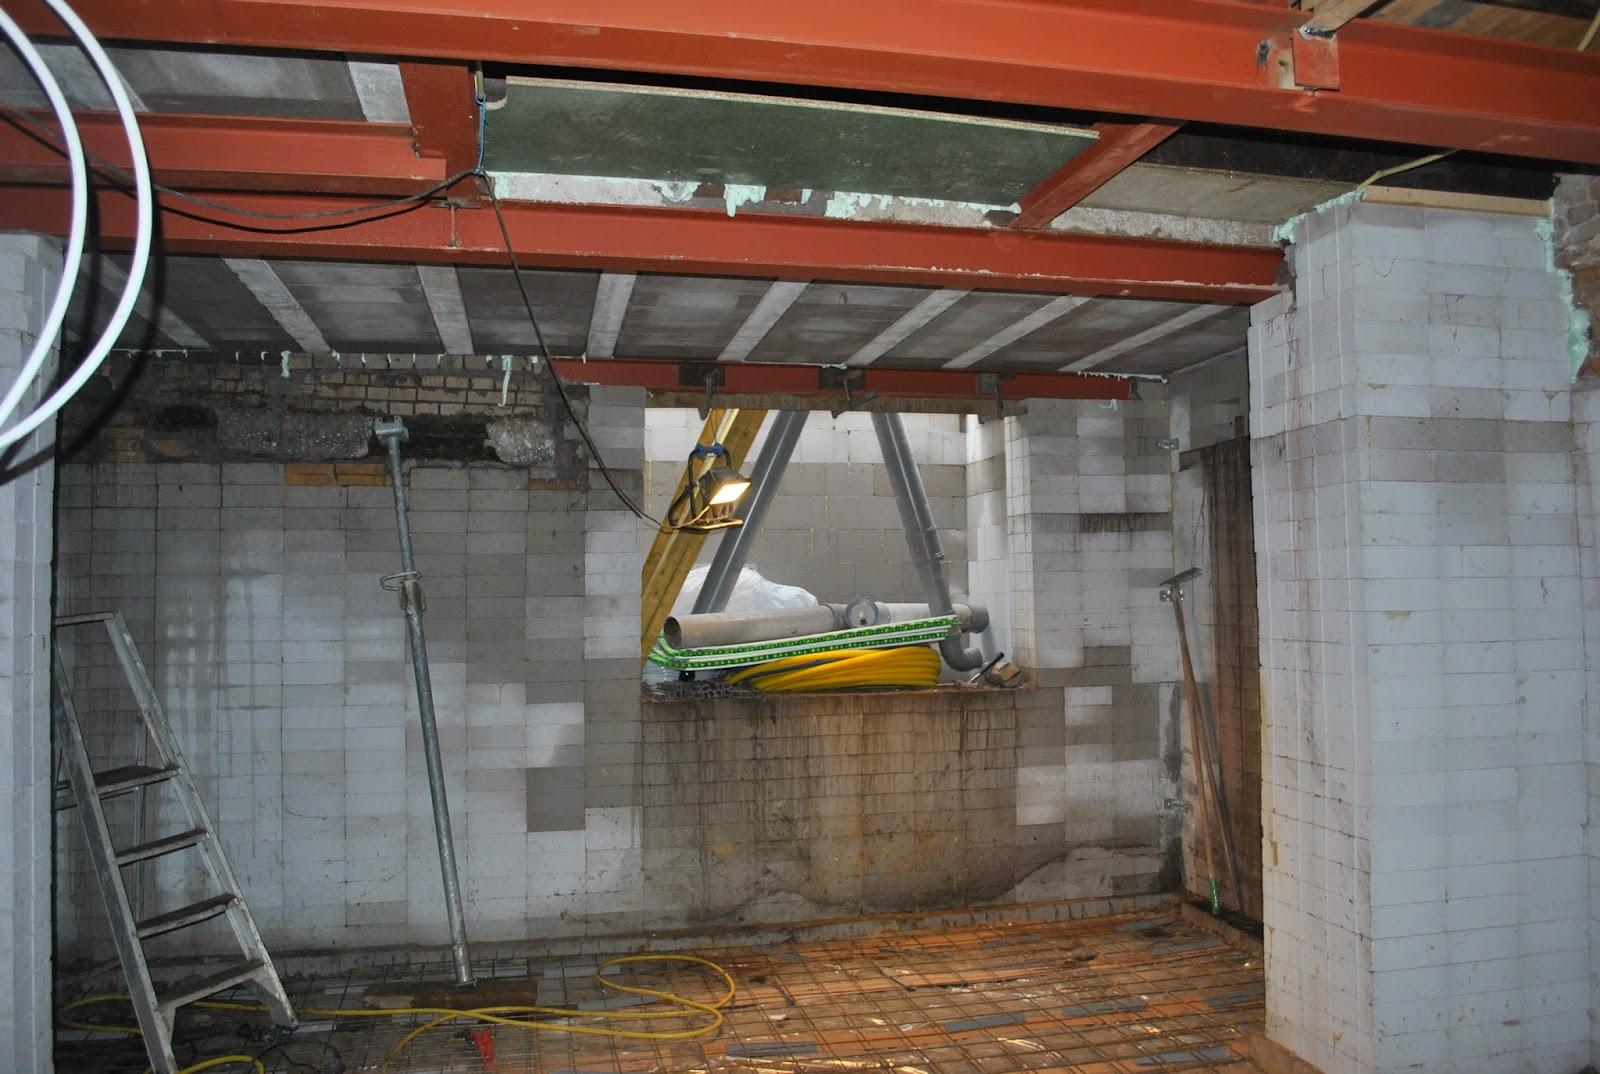 Ontwerpburo j groote bussum kelderbouw onder een bestaande woning update - Huis ingang ...